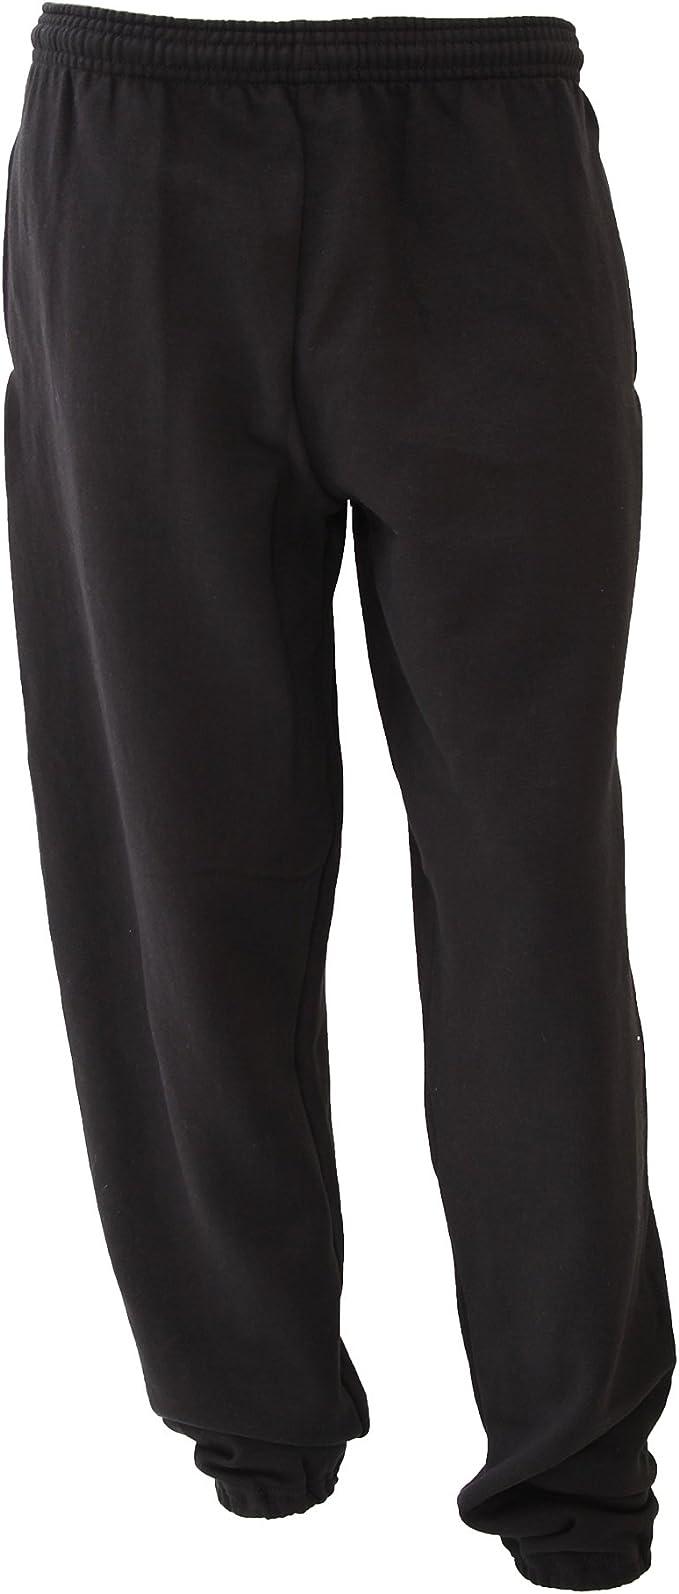 Russell - Pantalones de Chandal Modelo Jog Hombre Caballero (295 ...